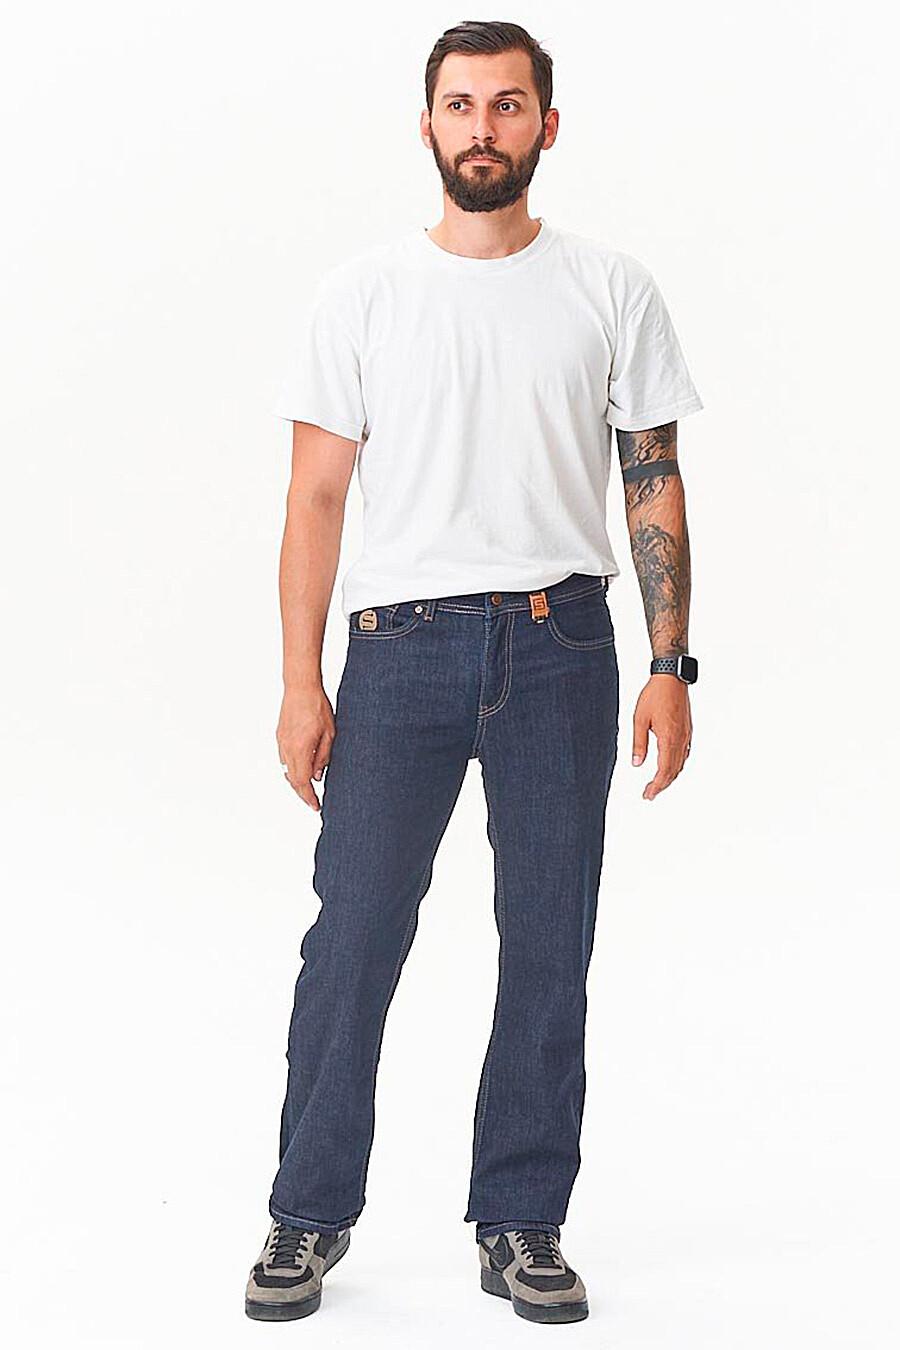 Джинсы для мужчин F5 239204 купить оптом от производителя. Совместная покупка мужской одежды в OptMoyo